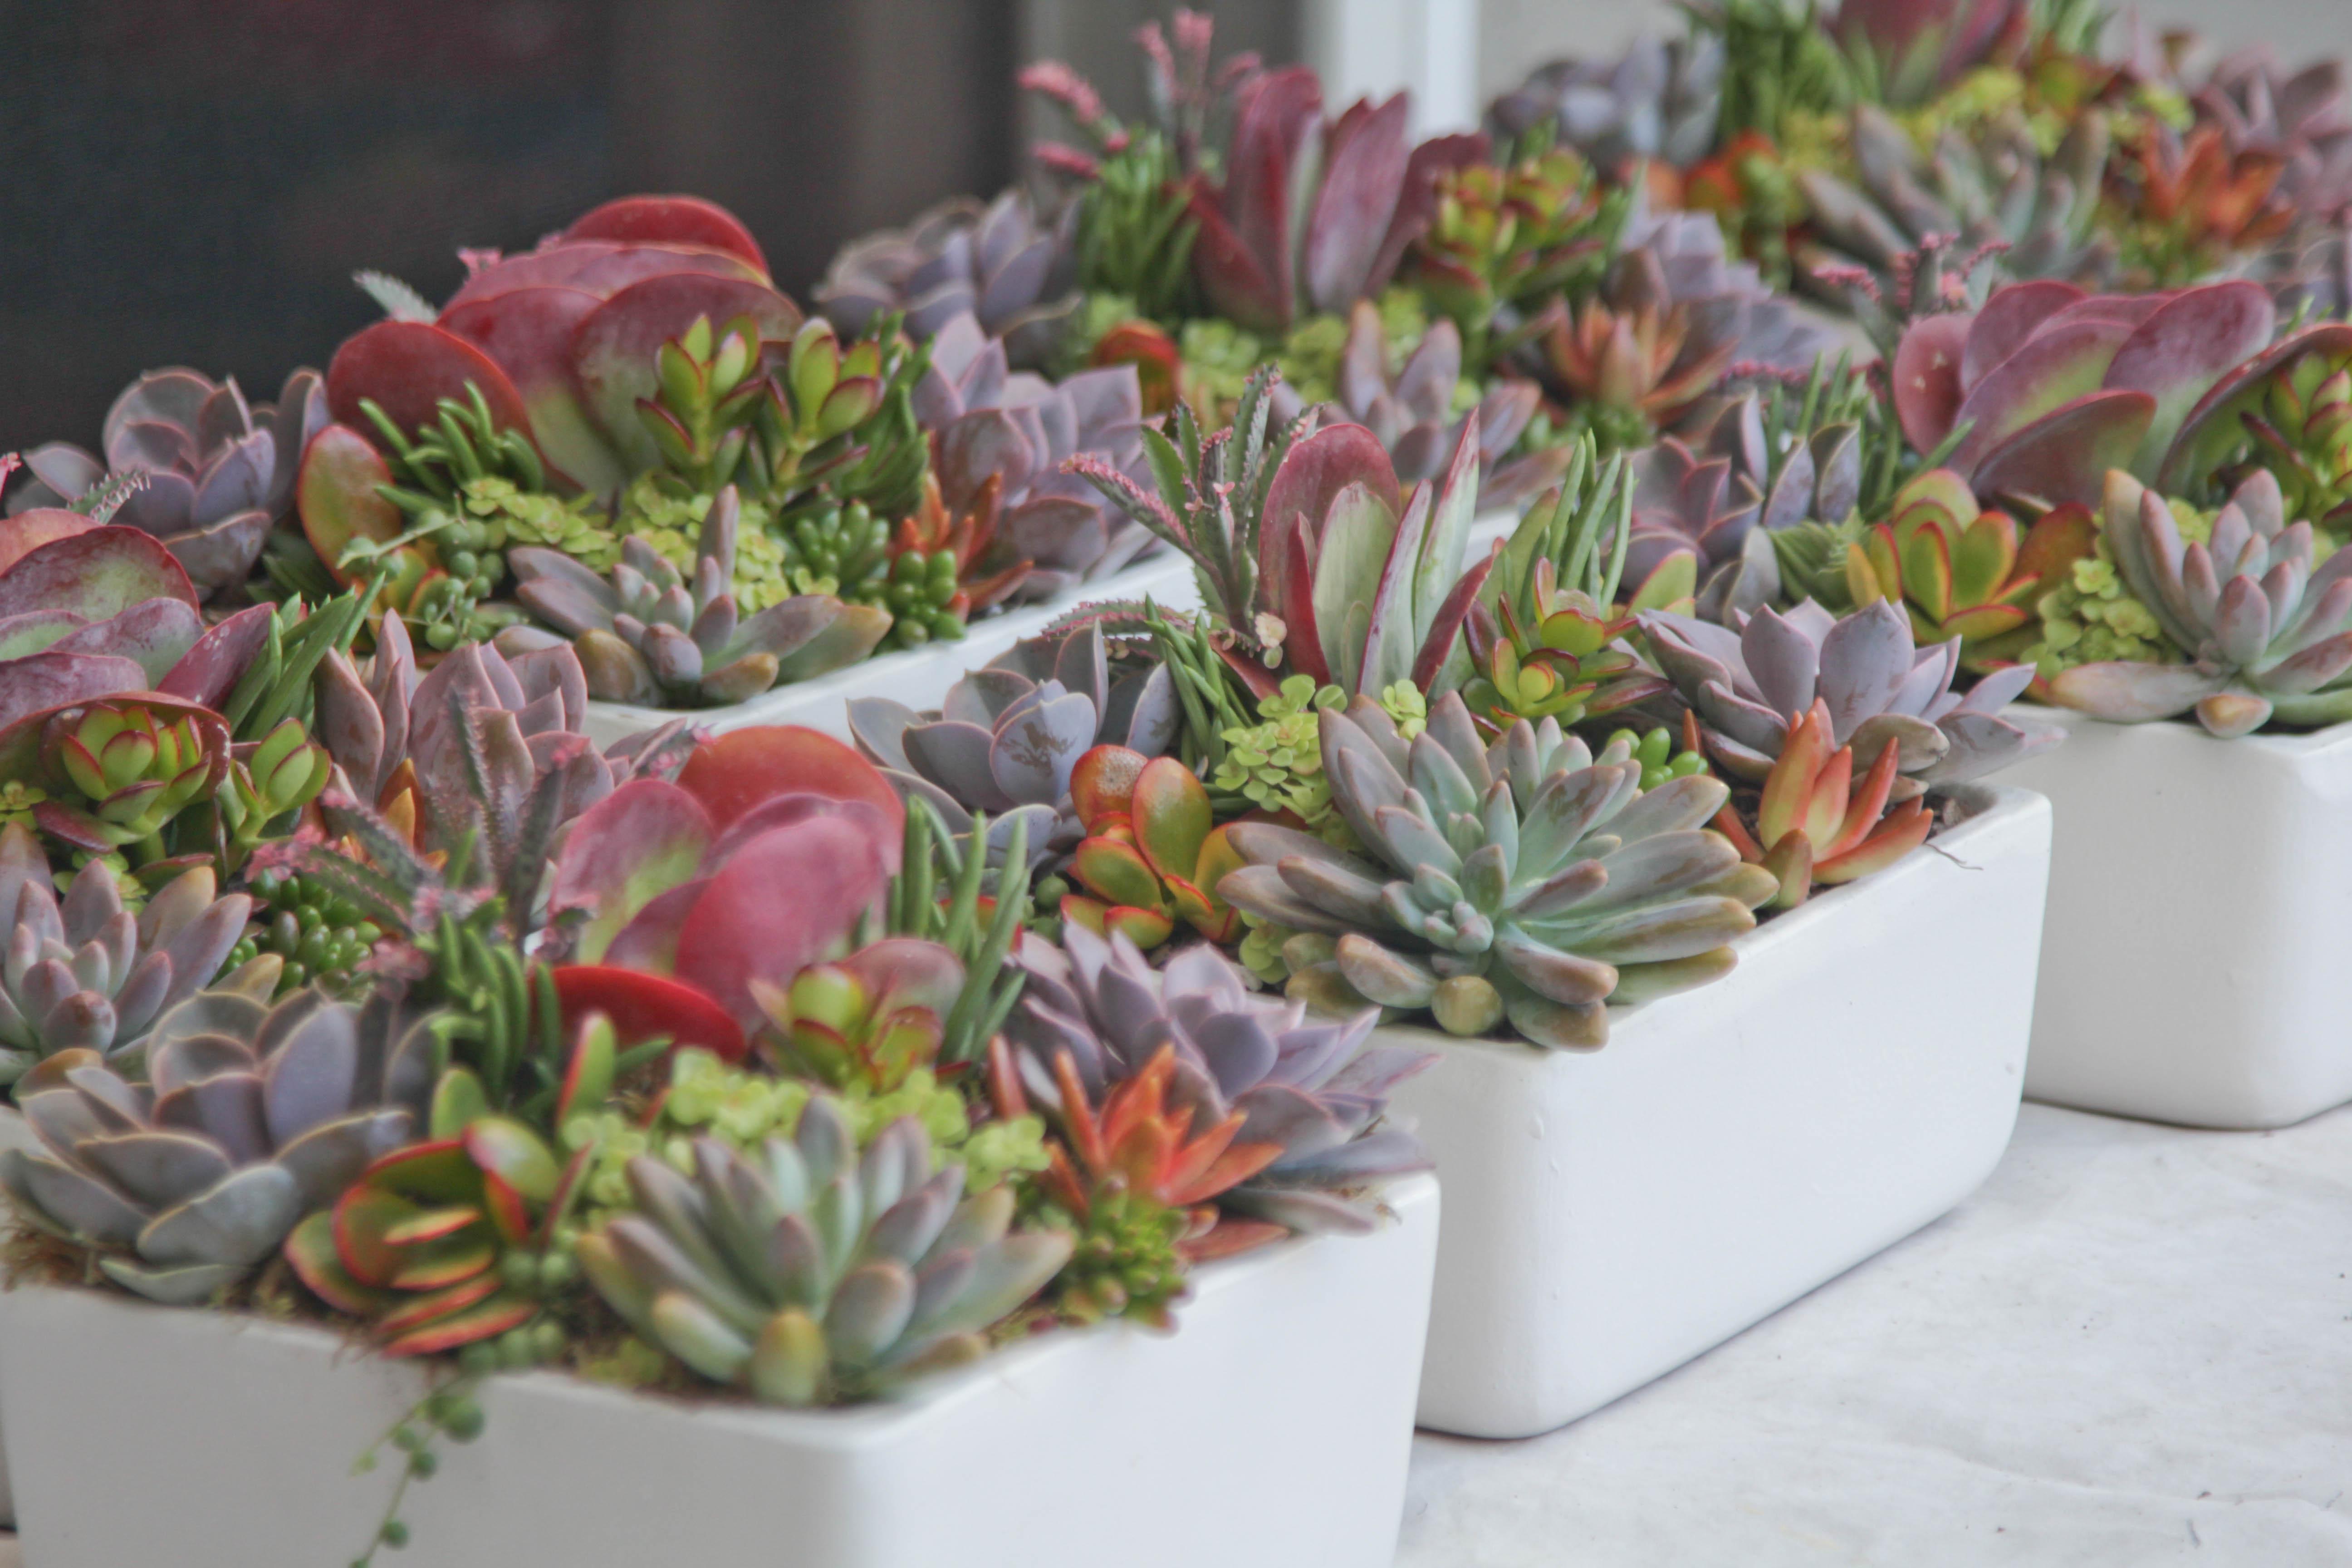 Succulent Wedding Centerpieces In 9 White Square Ceramic Pots